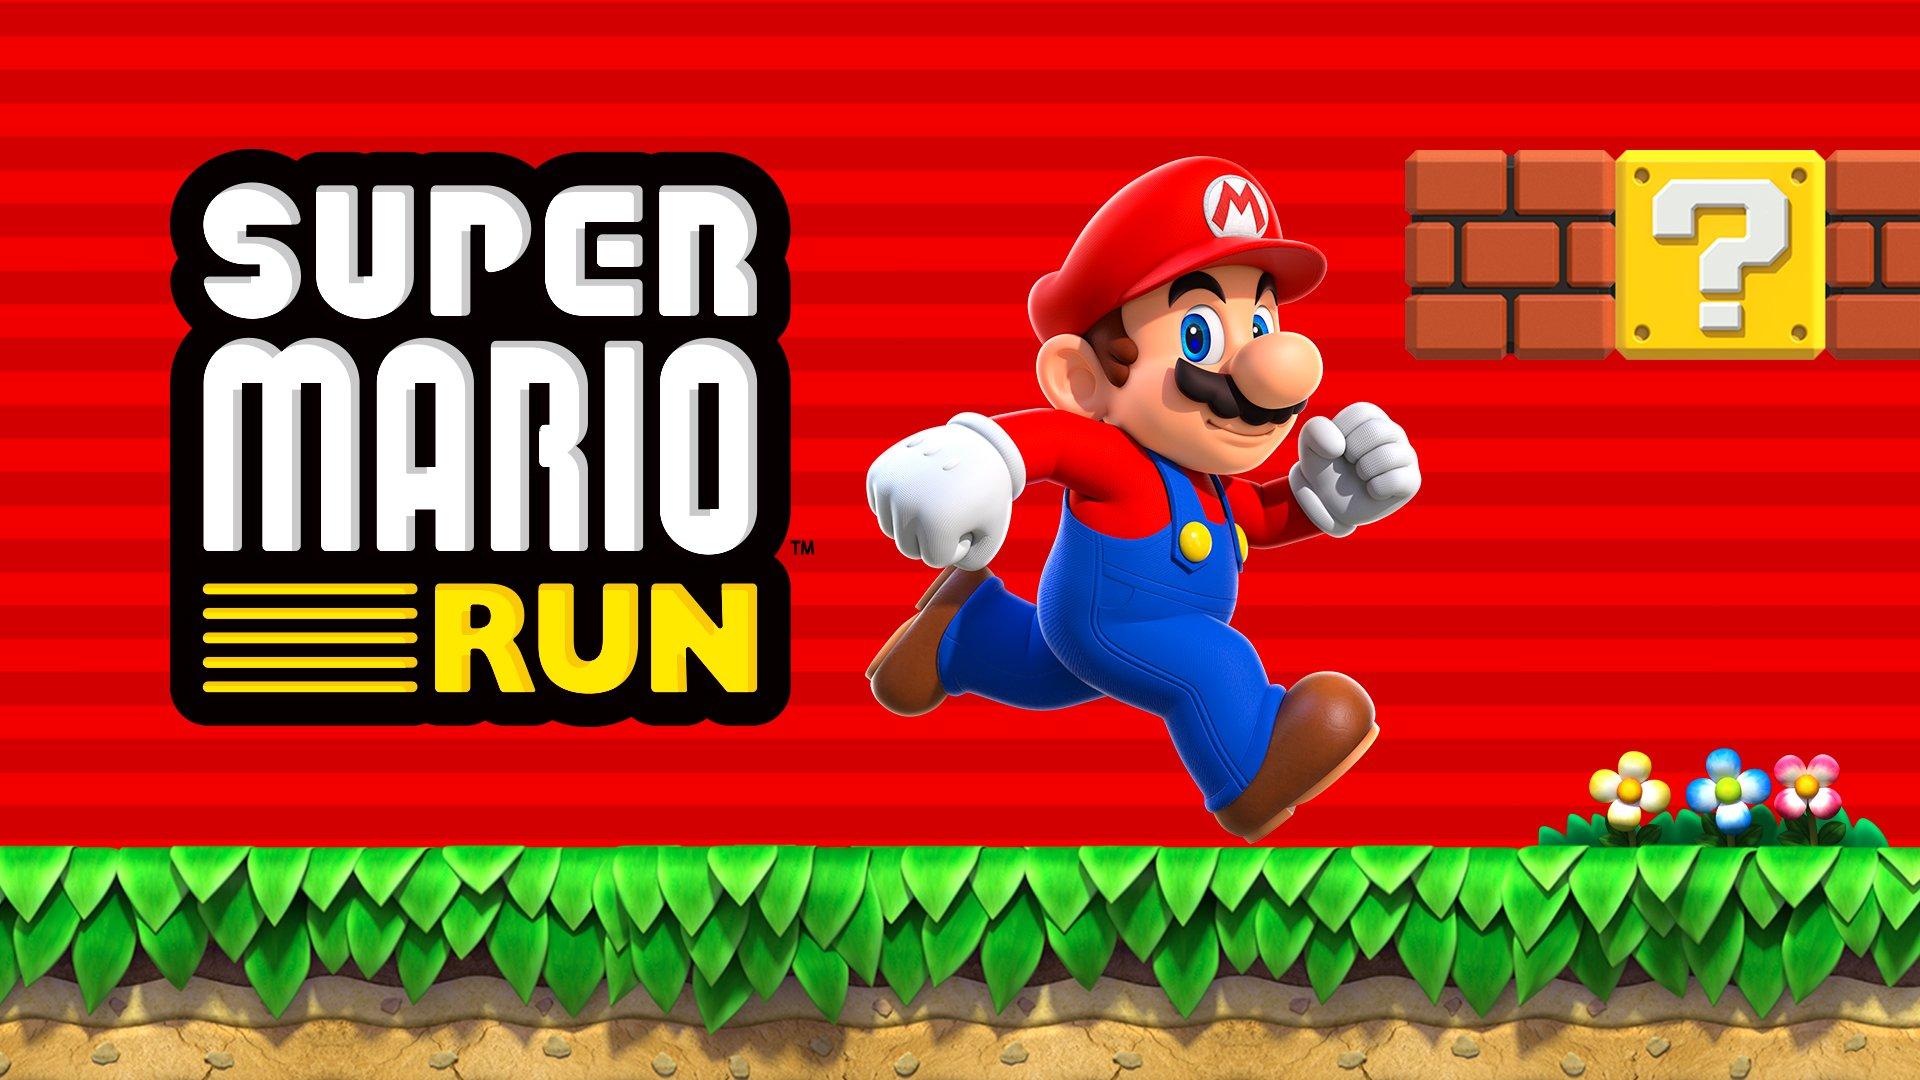 Super Mario Run è disponibile su iOS